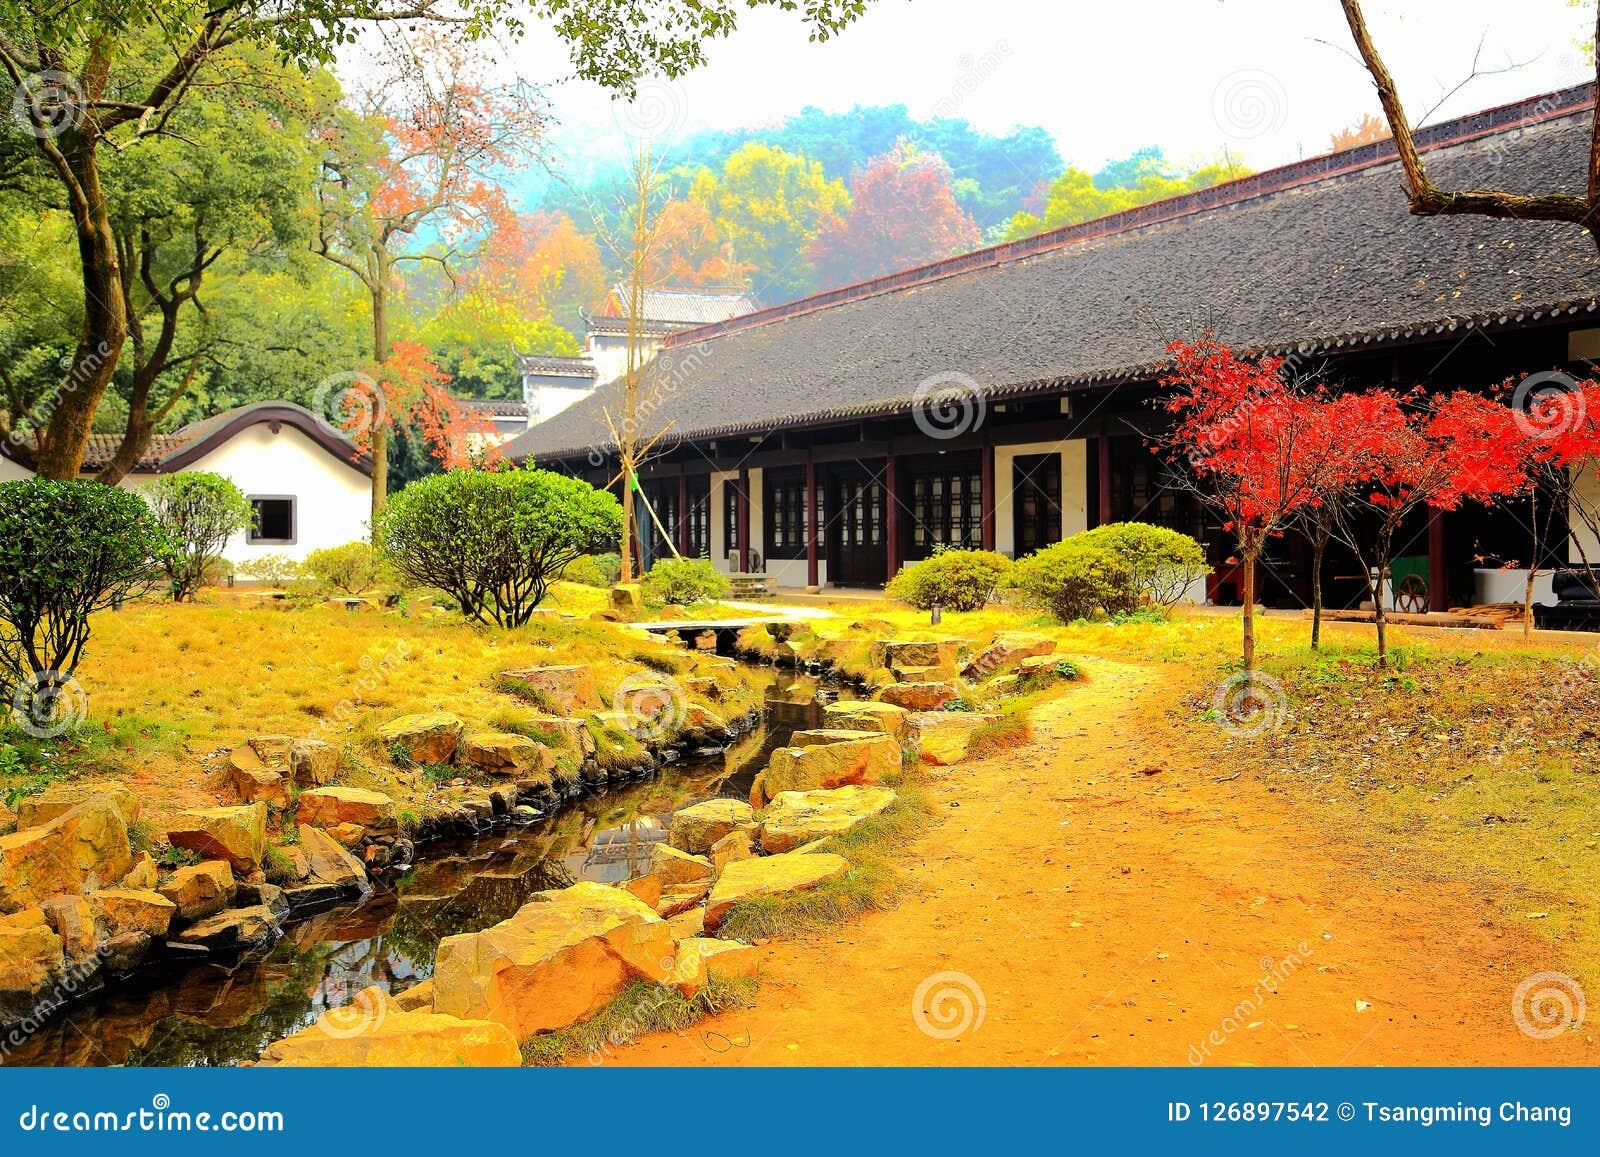 The Yuelu Academy In Yuelu Mountain In Changsha City Stock